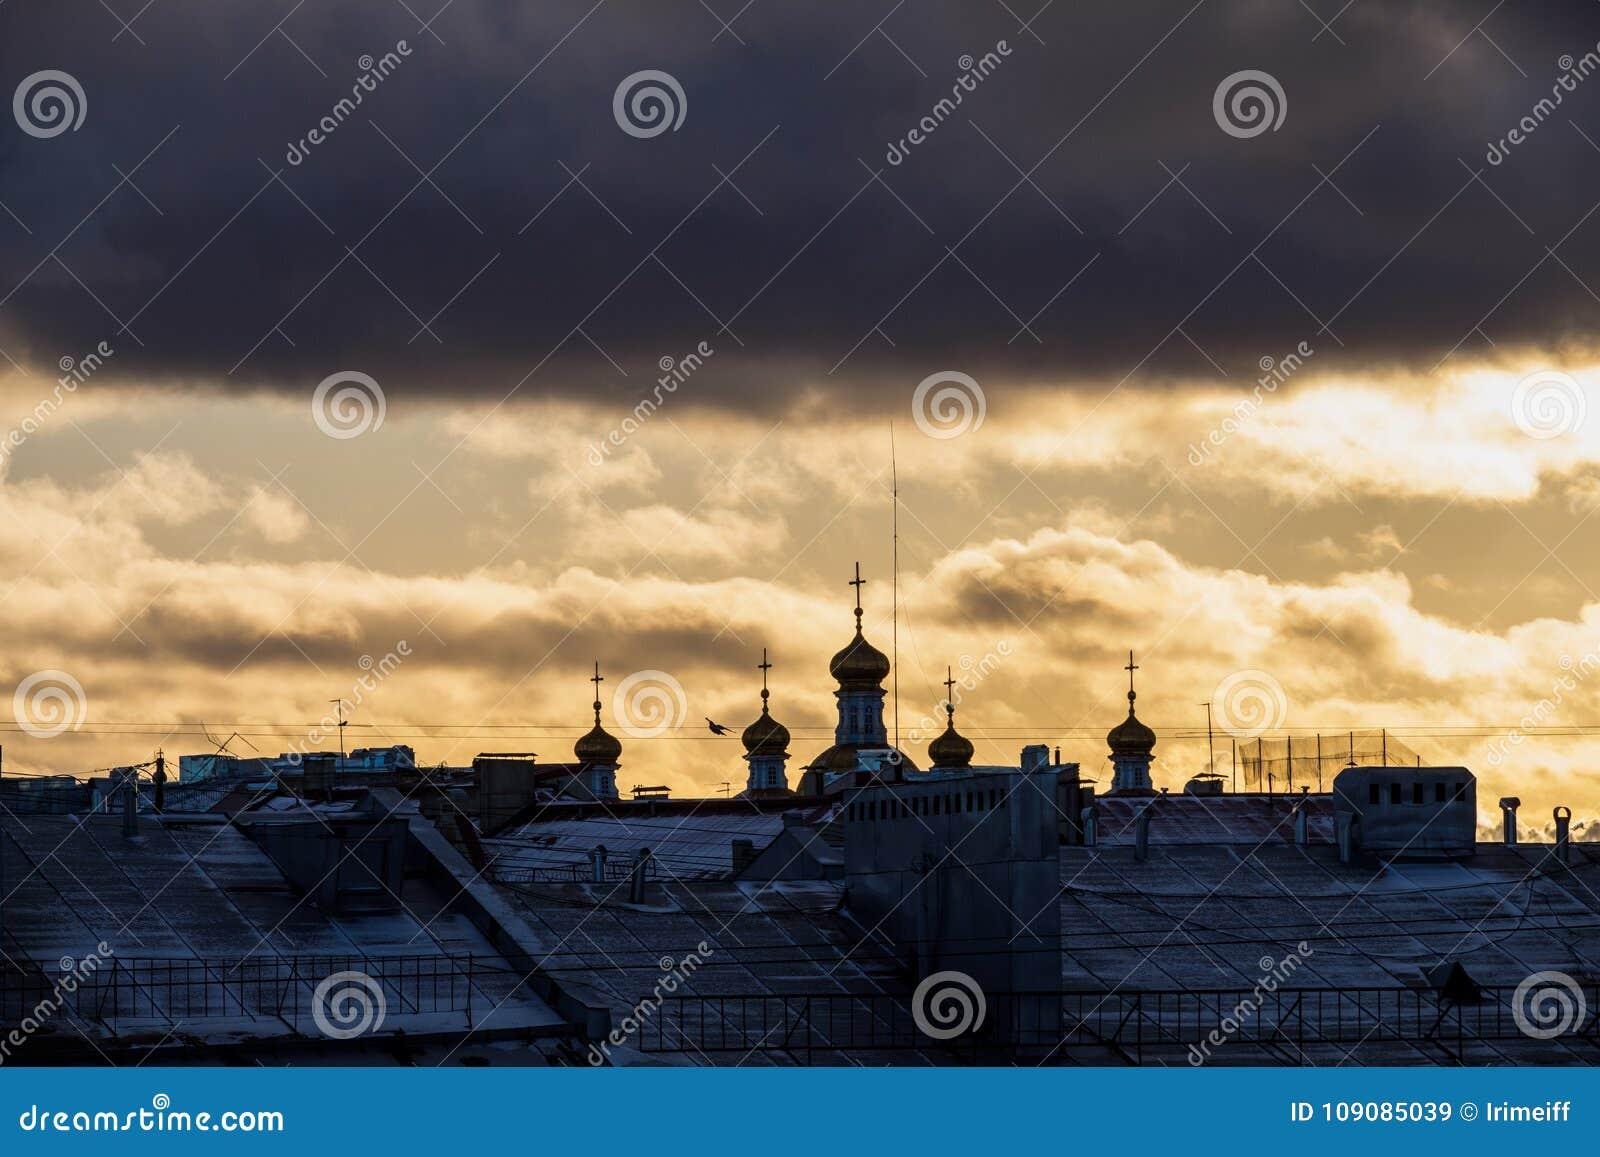 Sankt-Peterburgwinterlandschaft